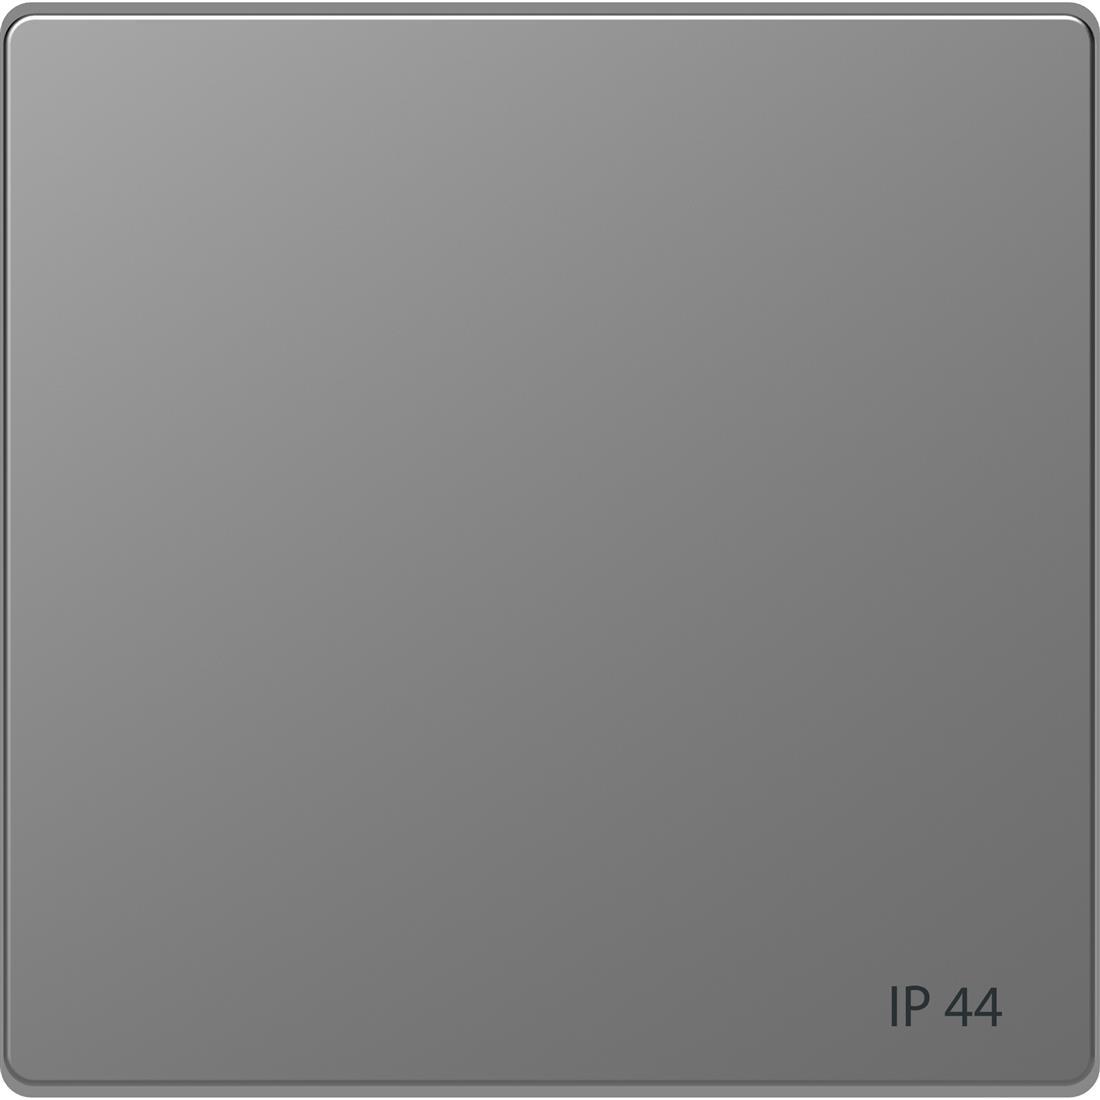 Schneider-Merten D Life wisselwip voor IP44 - RVS look (MTN3304-6036)